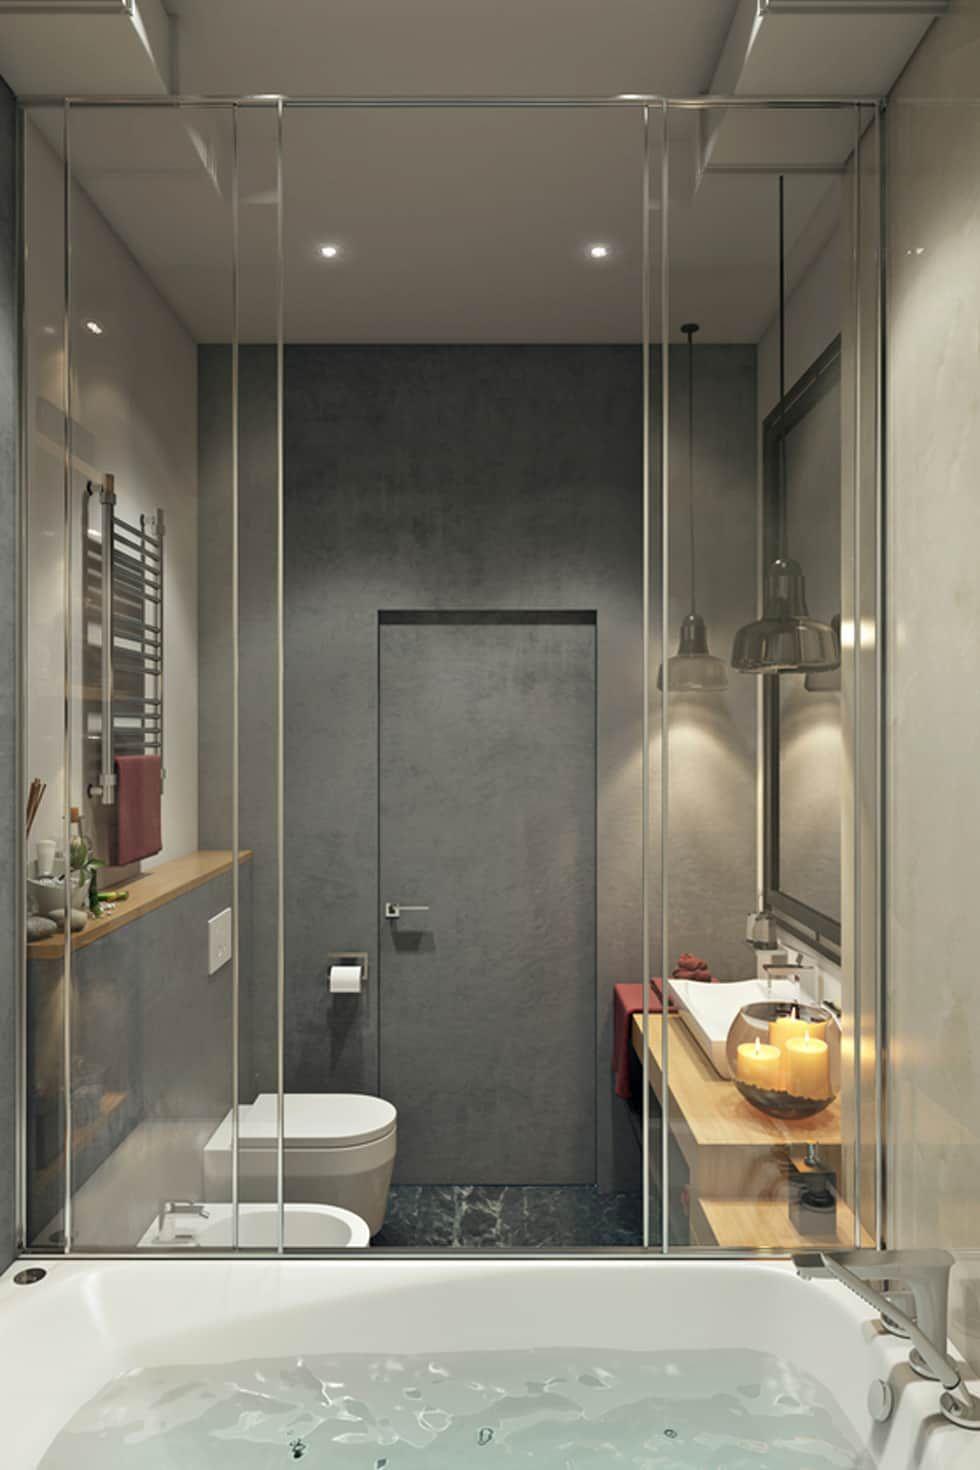 Design Bilder wohnideen interior design einrichtungsideen bilder